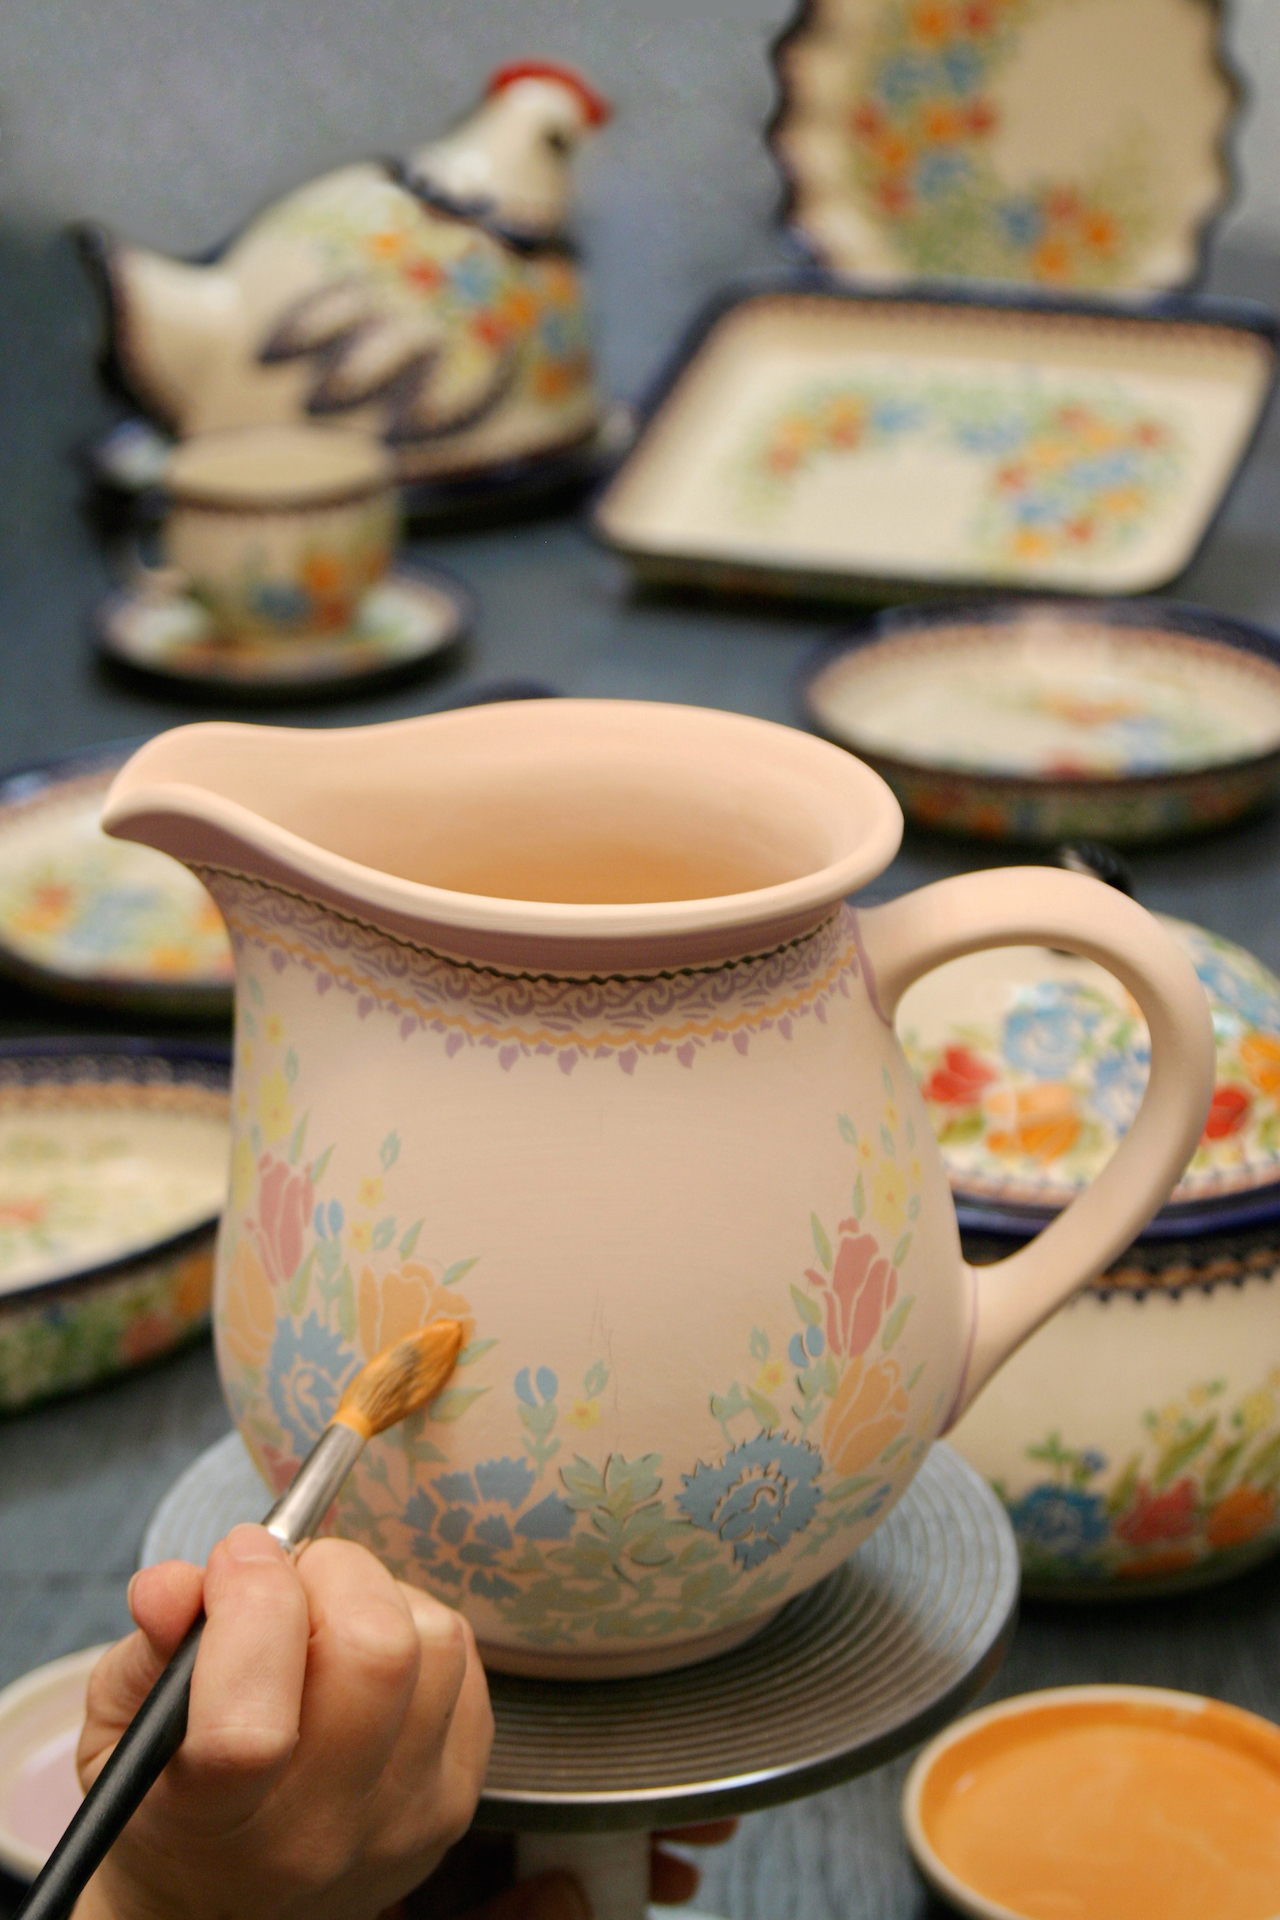 ボレスワヴィエツ クリーム色の陶器